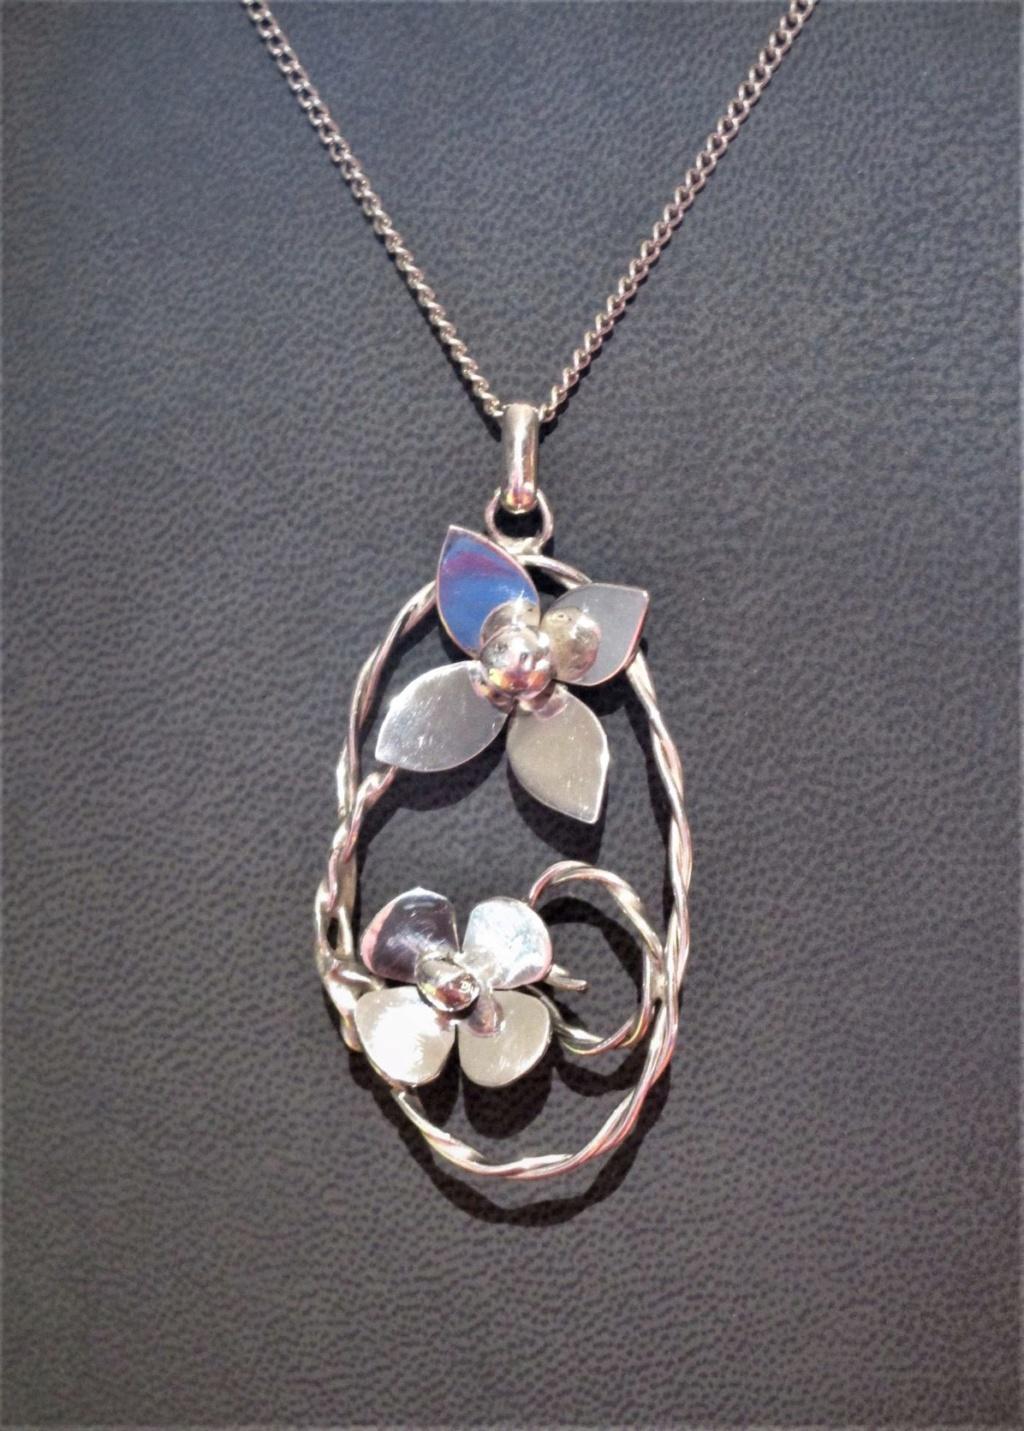 Réalisé aujourd'hui un pendentif à 2 fleurs en argent 925 Penden10